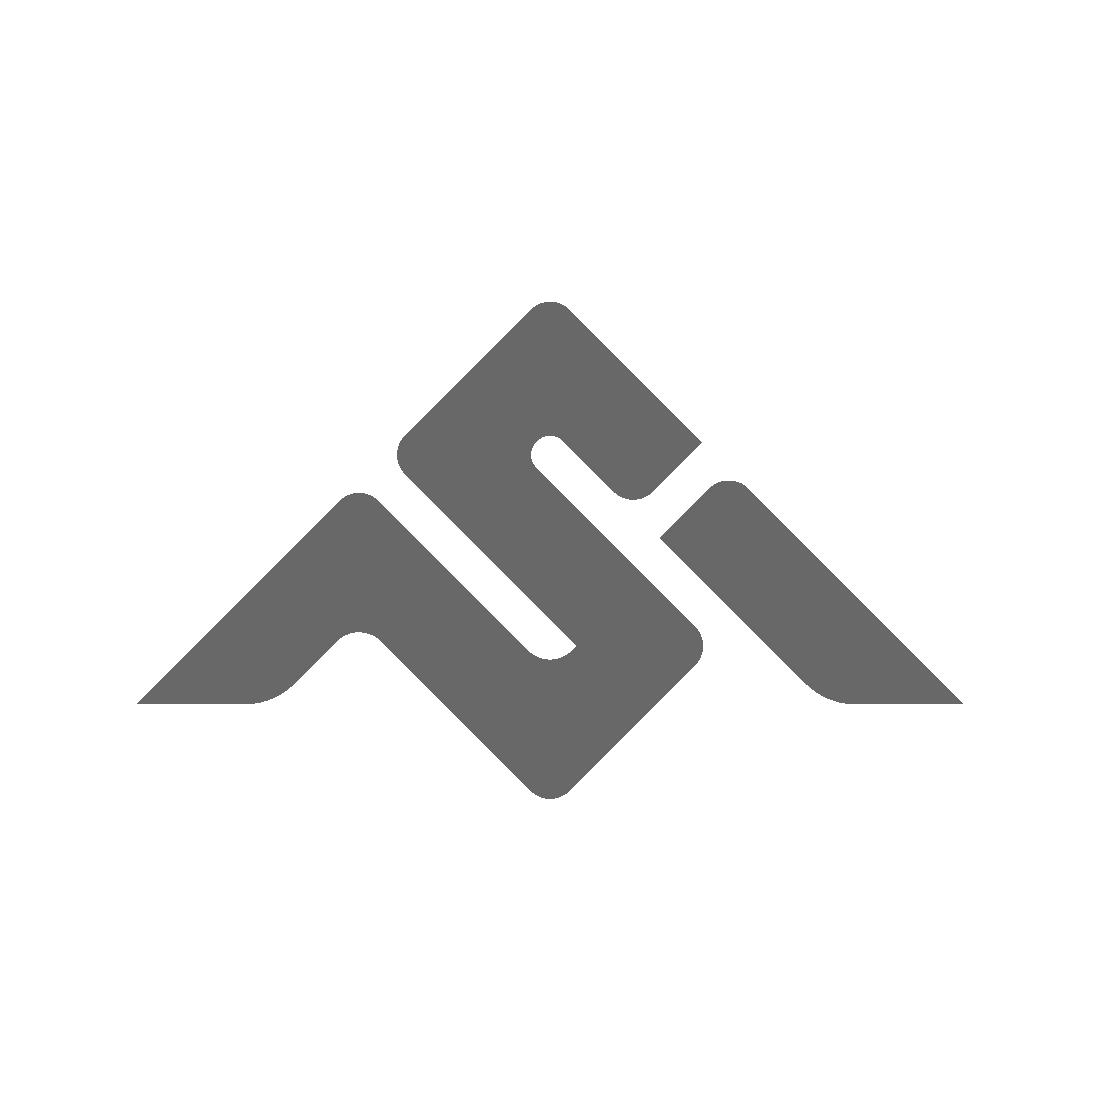 a7e251bebae Powerslide Ice skate Pop Art Blondie - Buy ice skates for women - Sportmania